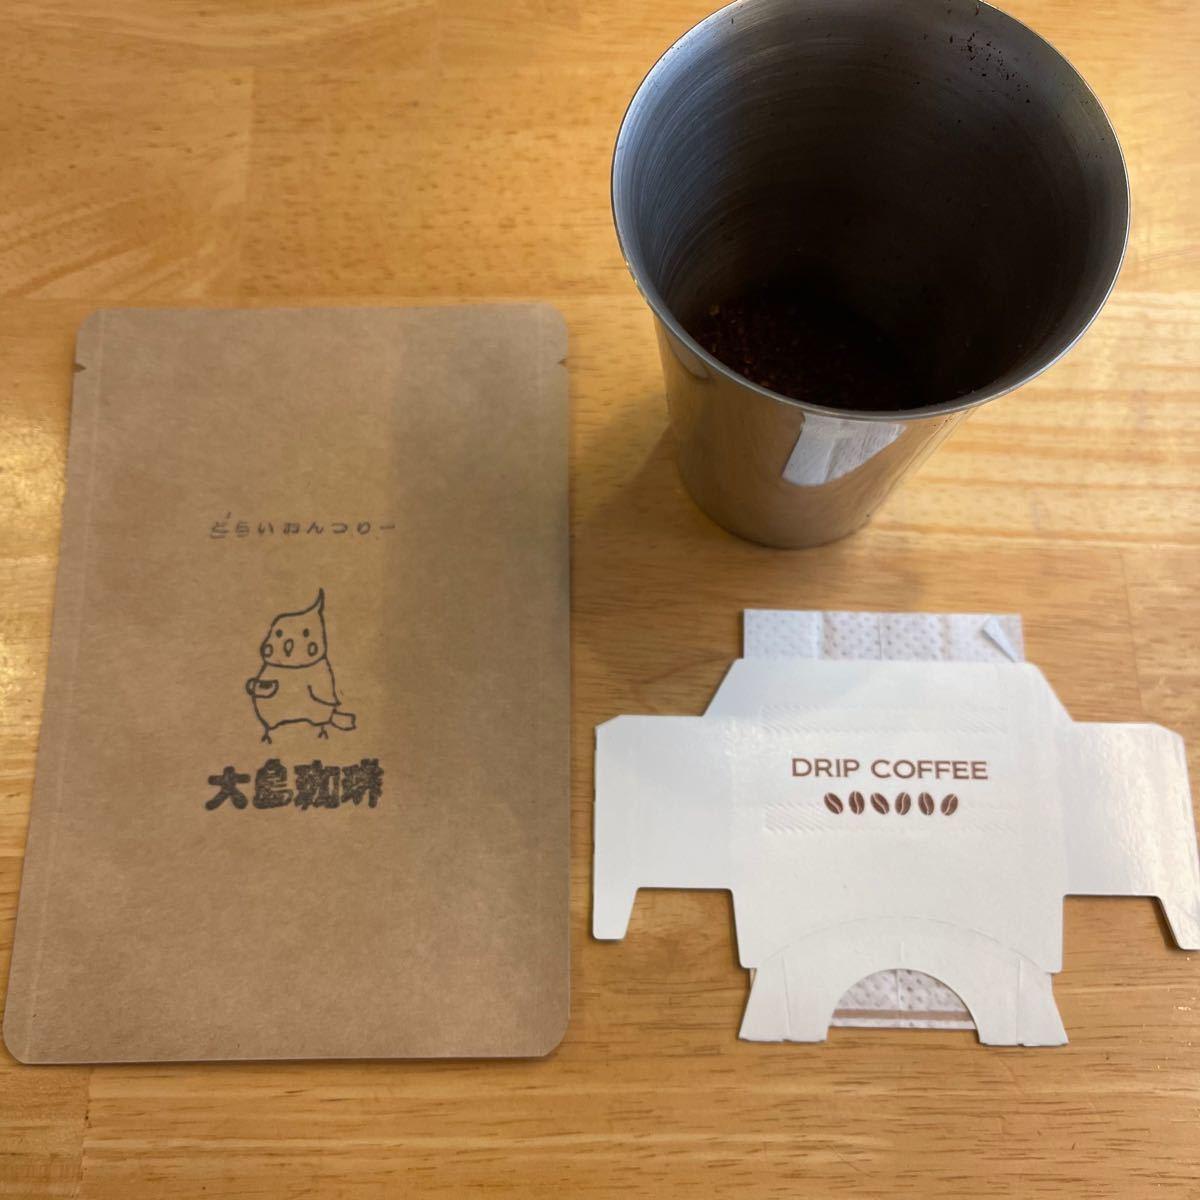 コーヒードリップパック 3種飲み比べセット 匿名配送